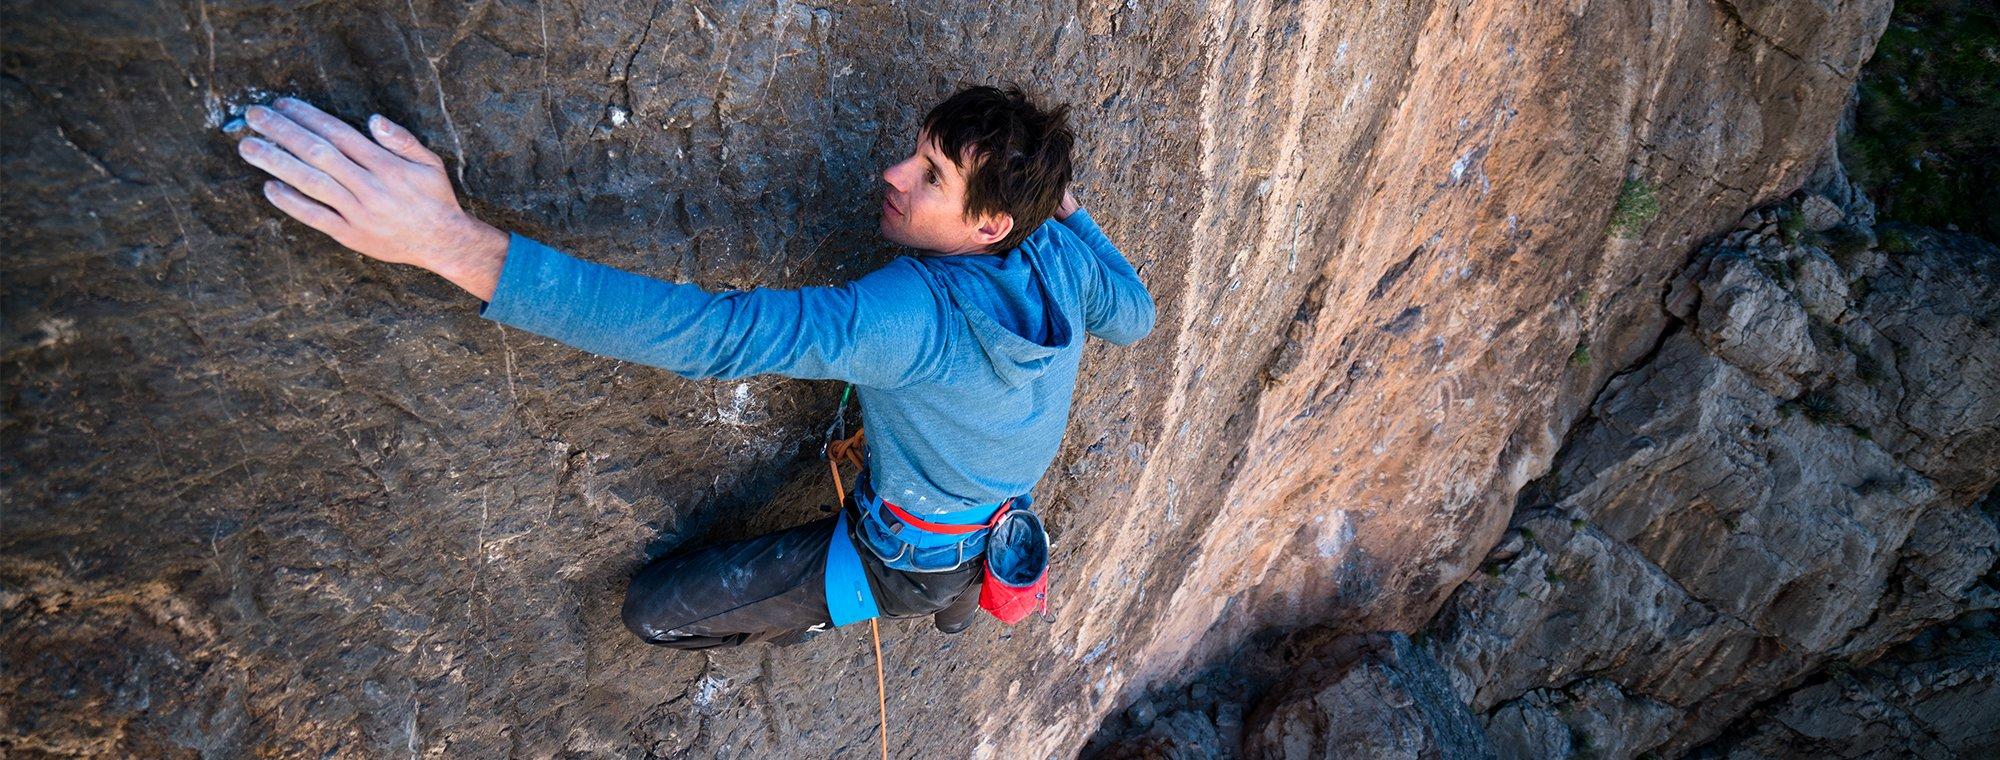 Na imagem, o alpinista Alex Honnold está escalando um paredão, ele usa um casaco azul e está utilizando corda, já que é uma escalada teste.